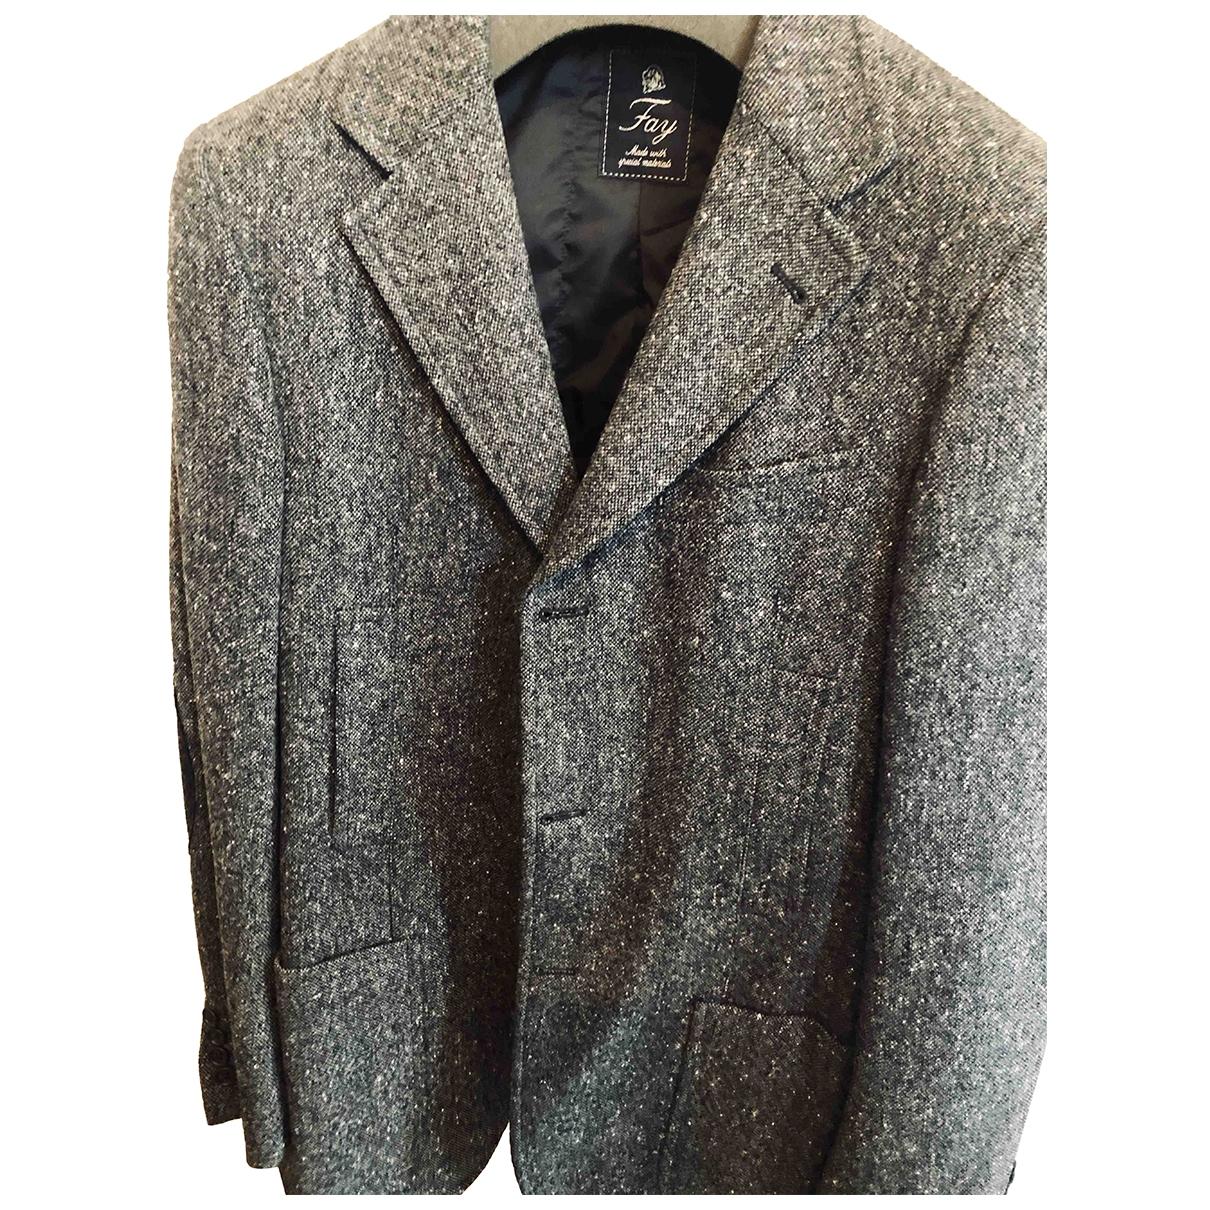 Fay \N Jacke in  Grau Wolle